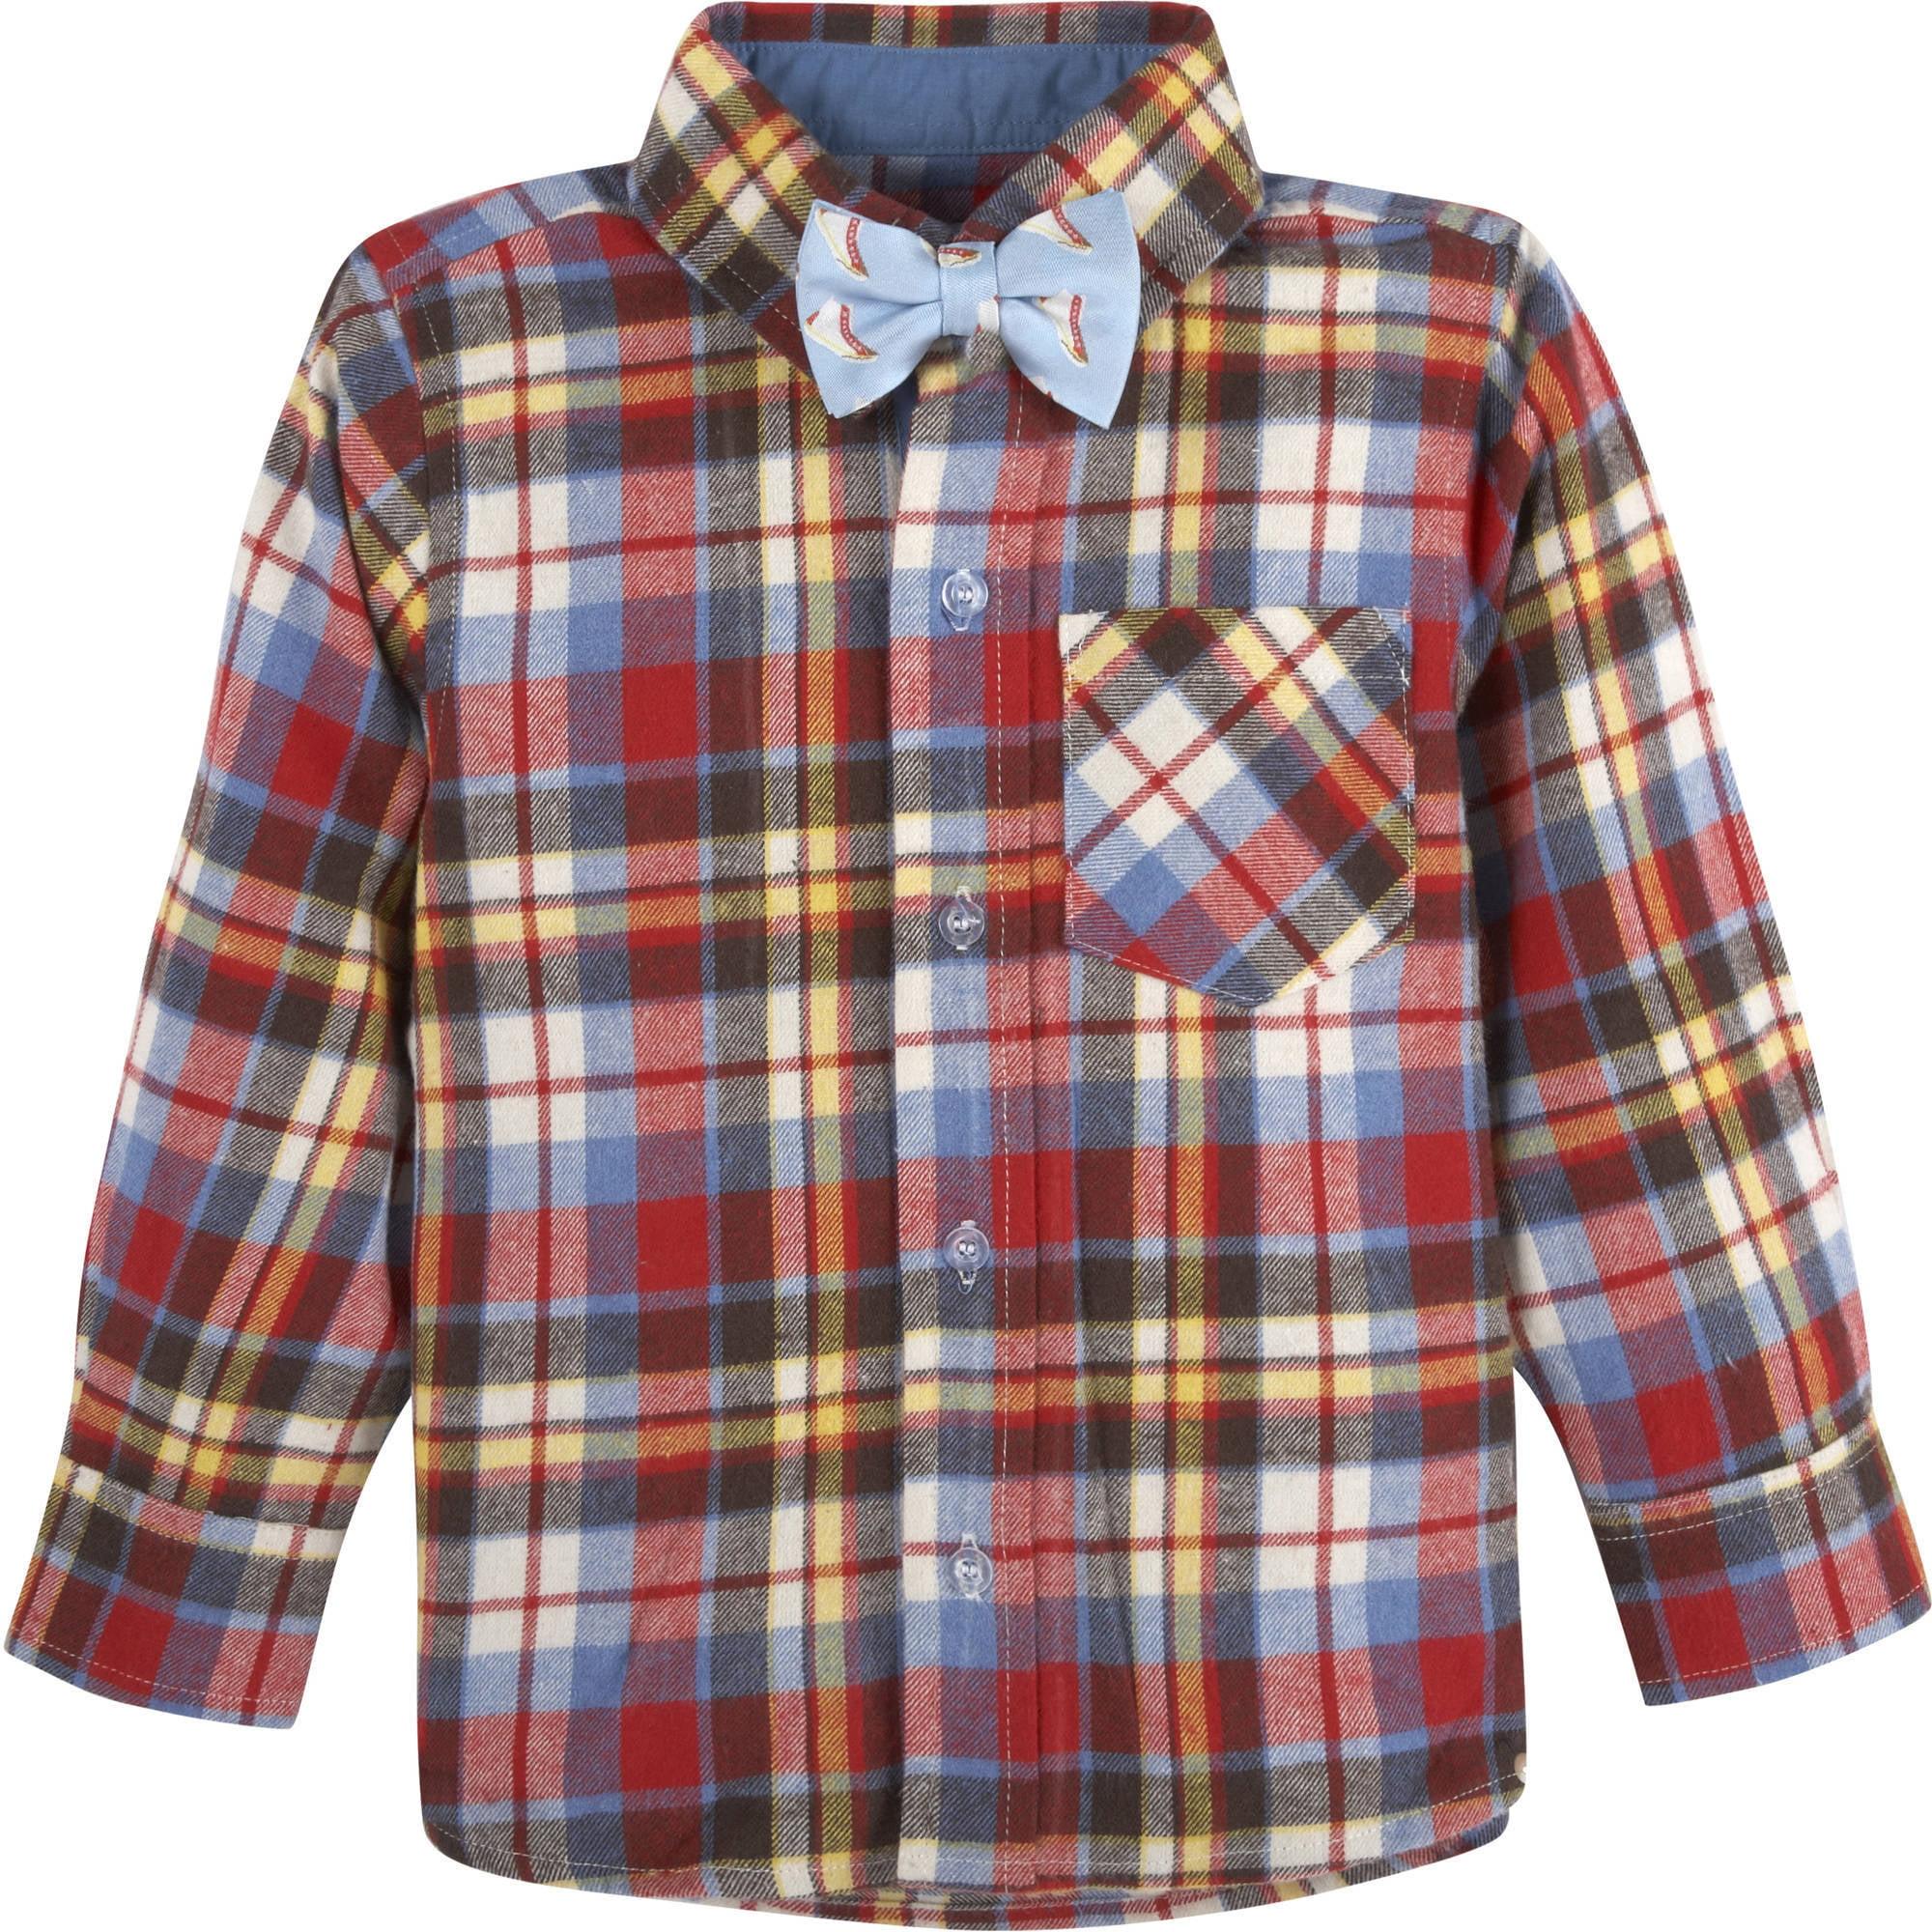 G-Cutee Baby Toddler Boy Flannel Plaid Shirt w/ Bowtie